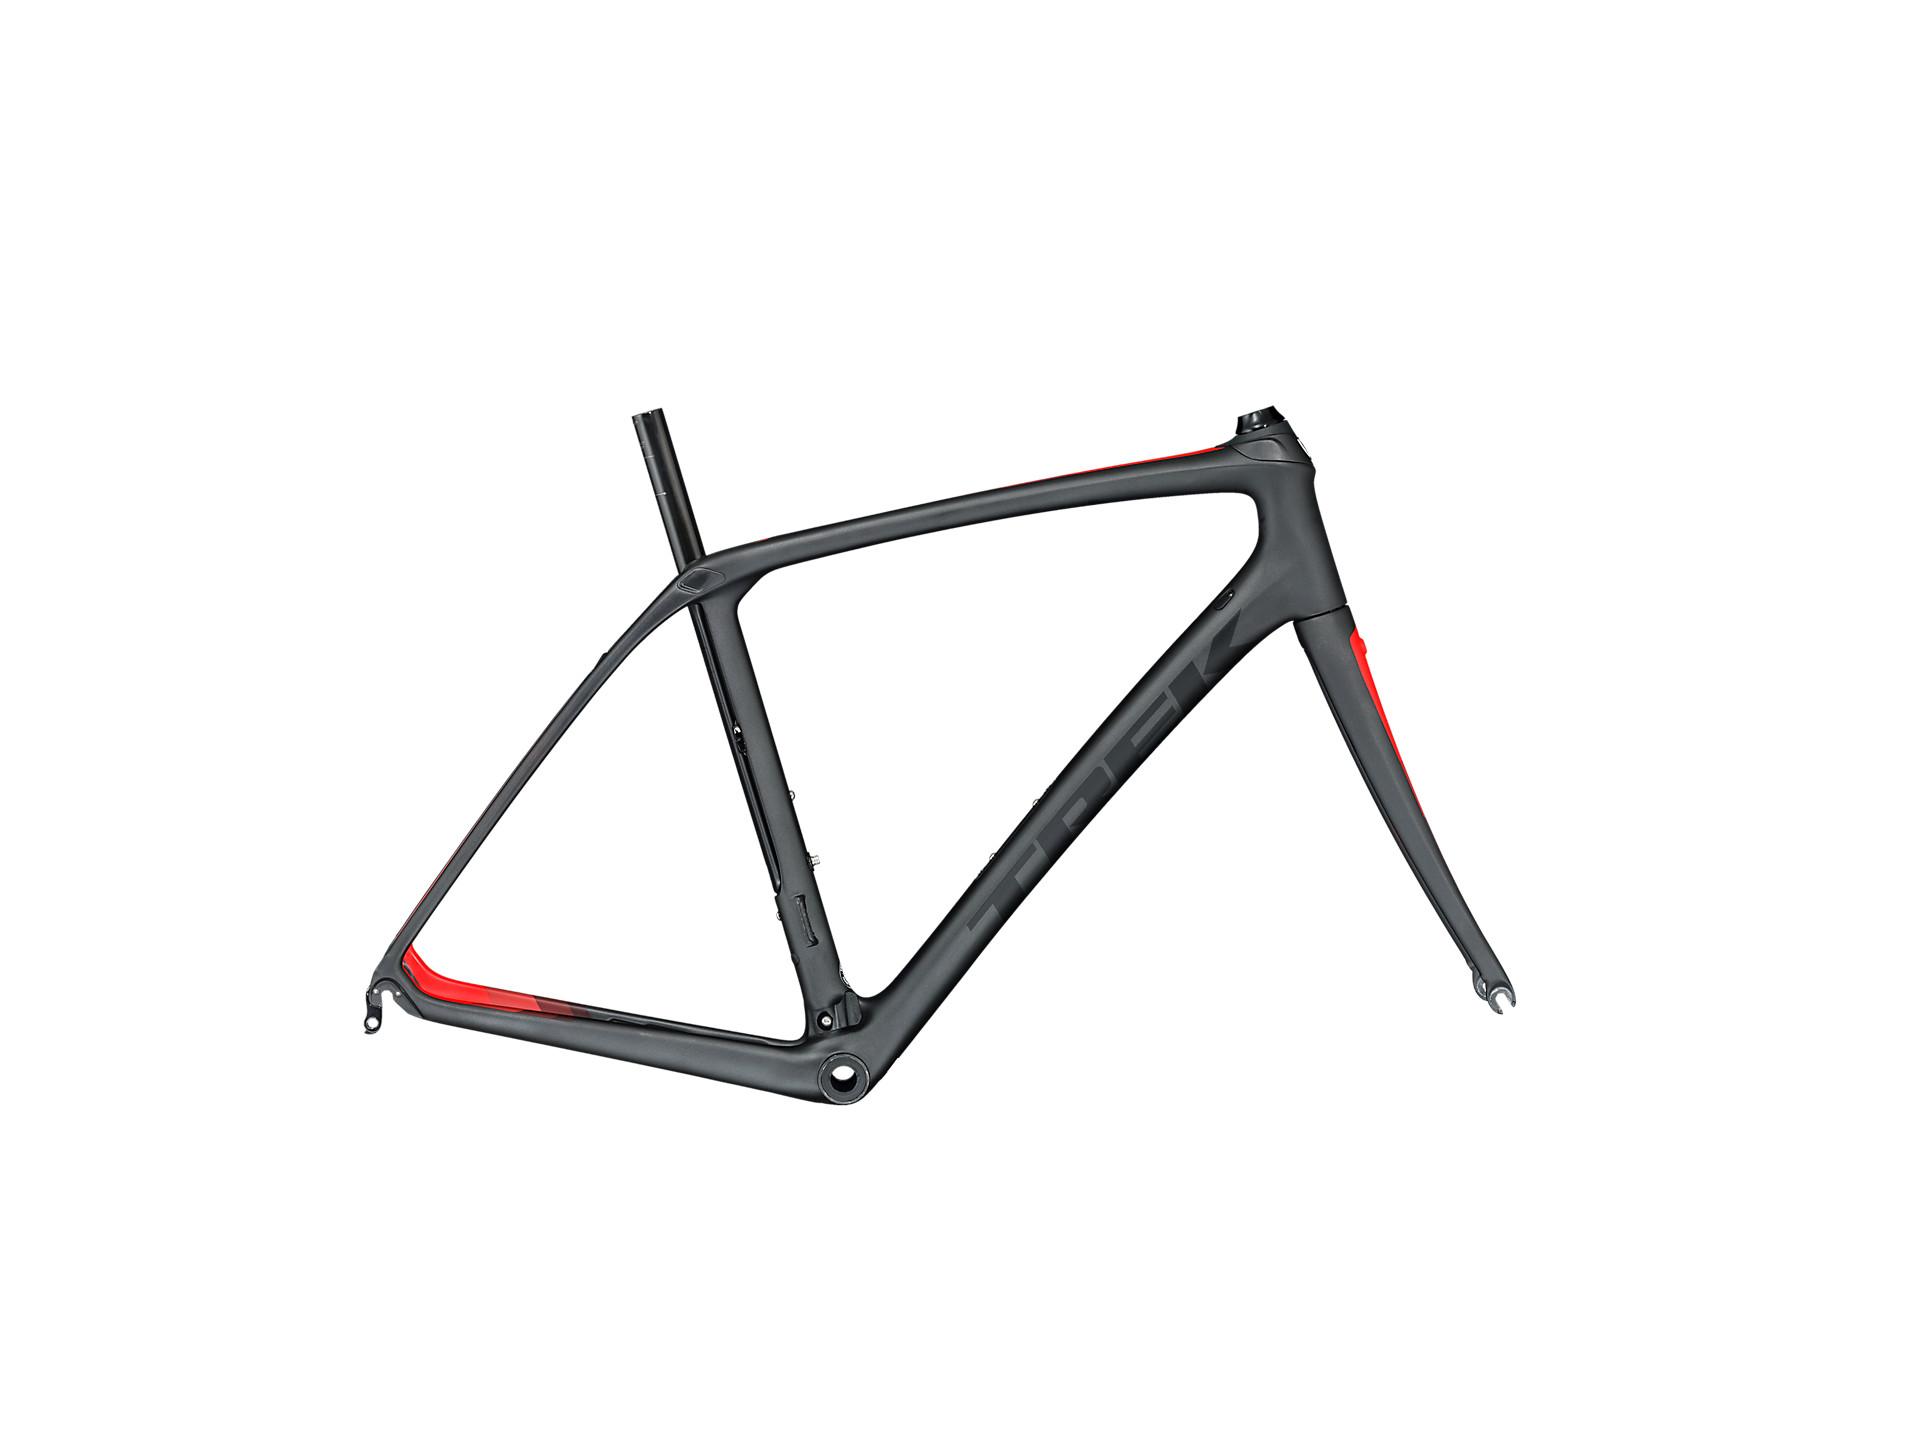 de43d96bf91 Domane SLR Frameset   Trek Bikes